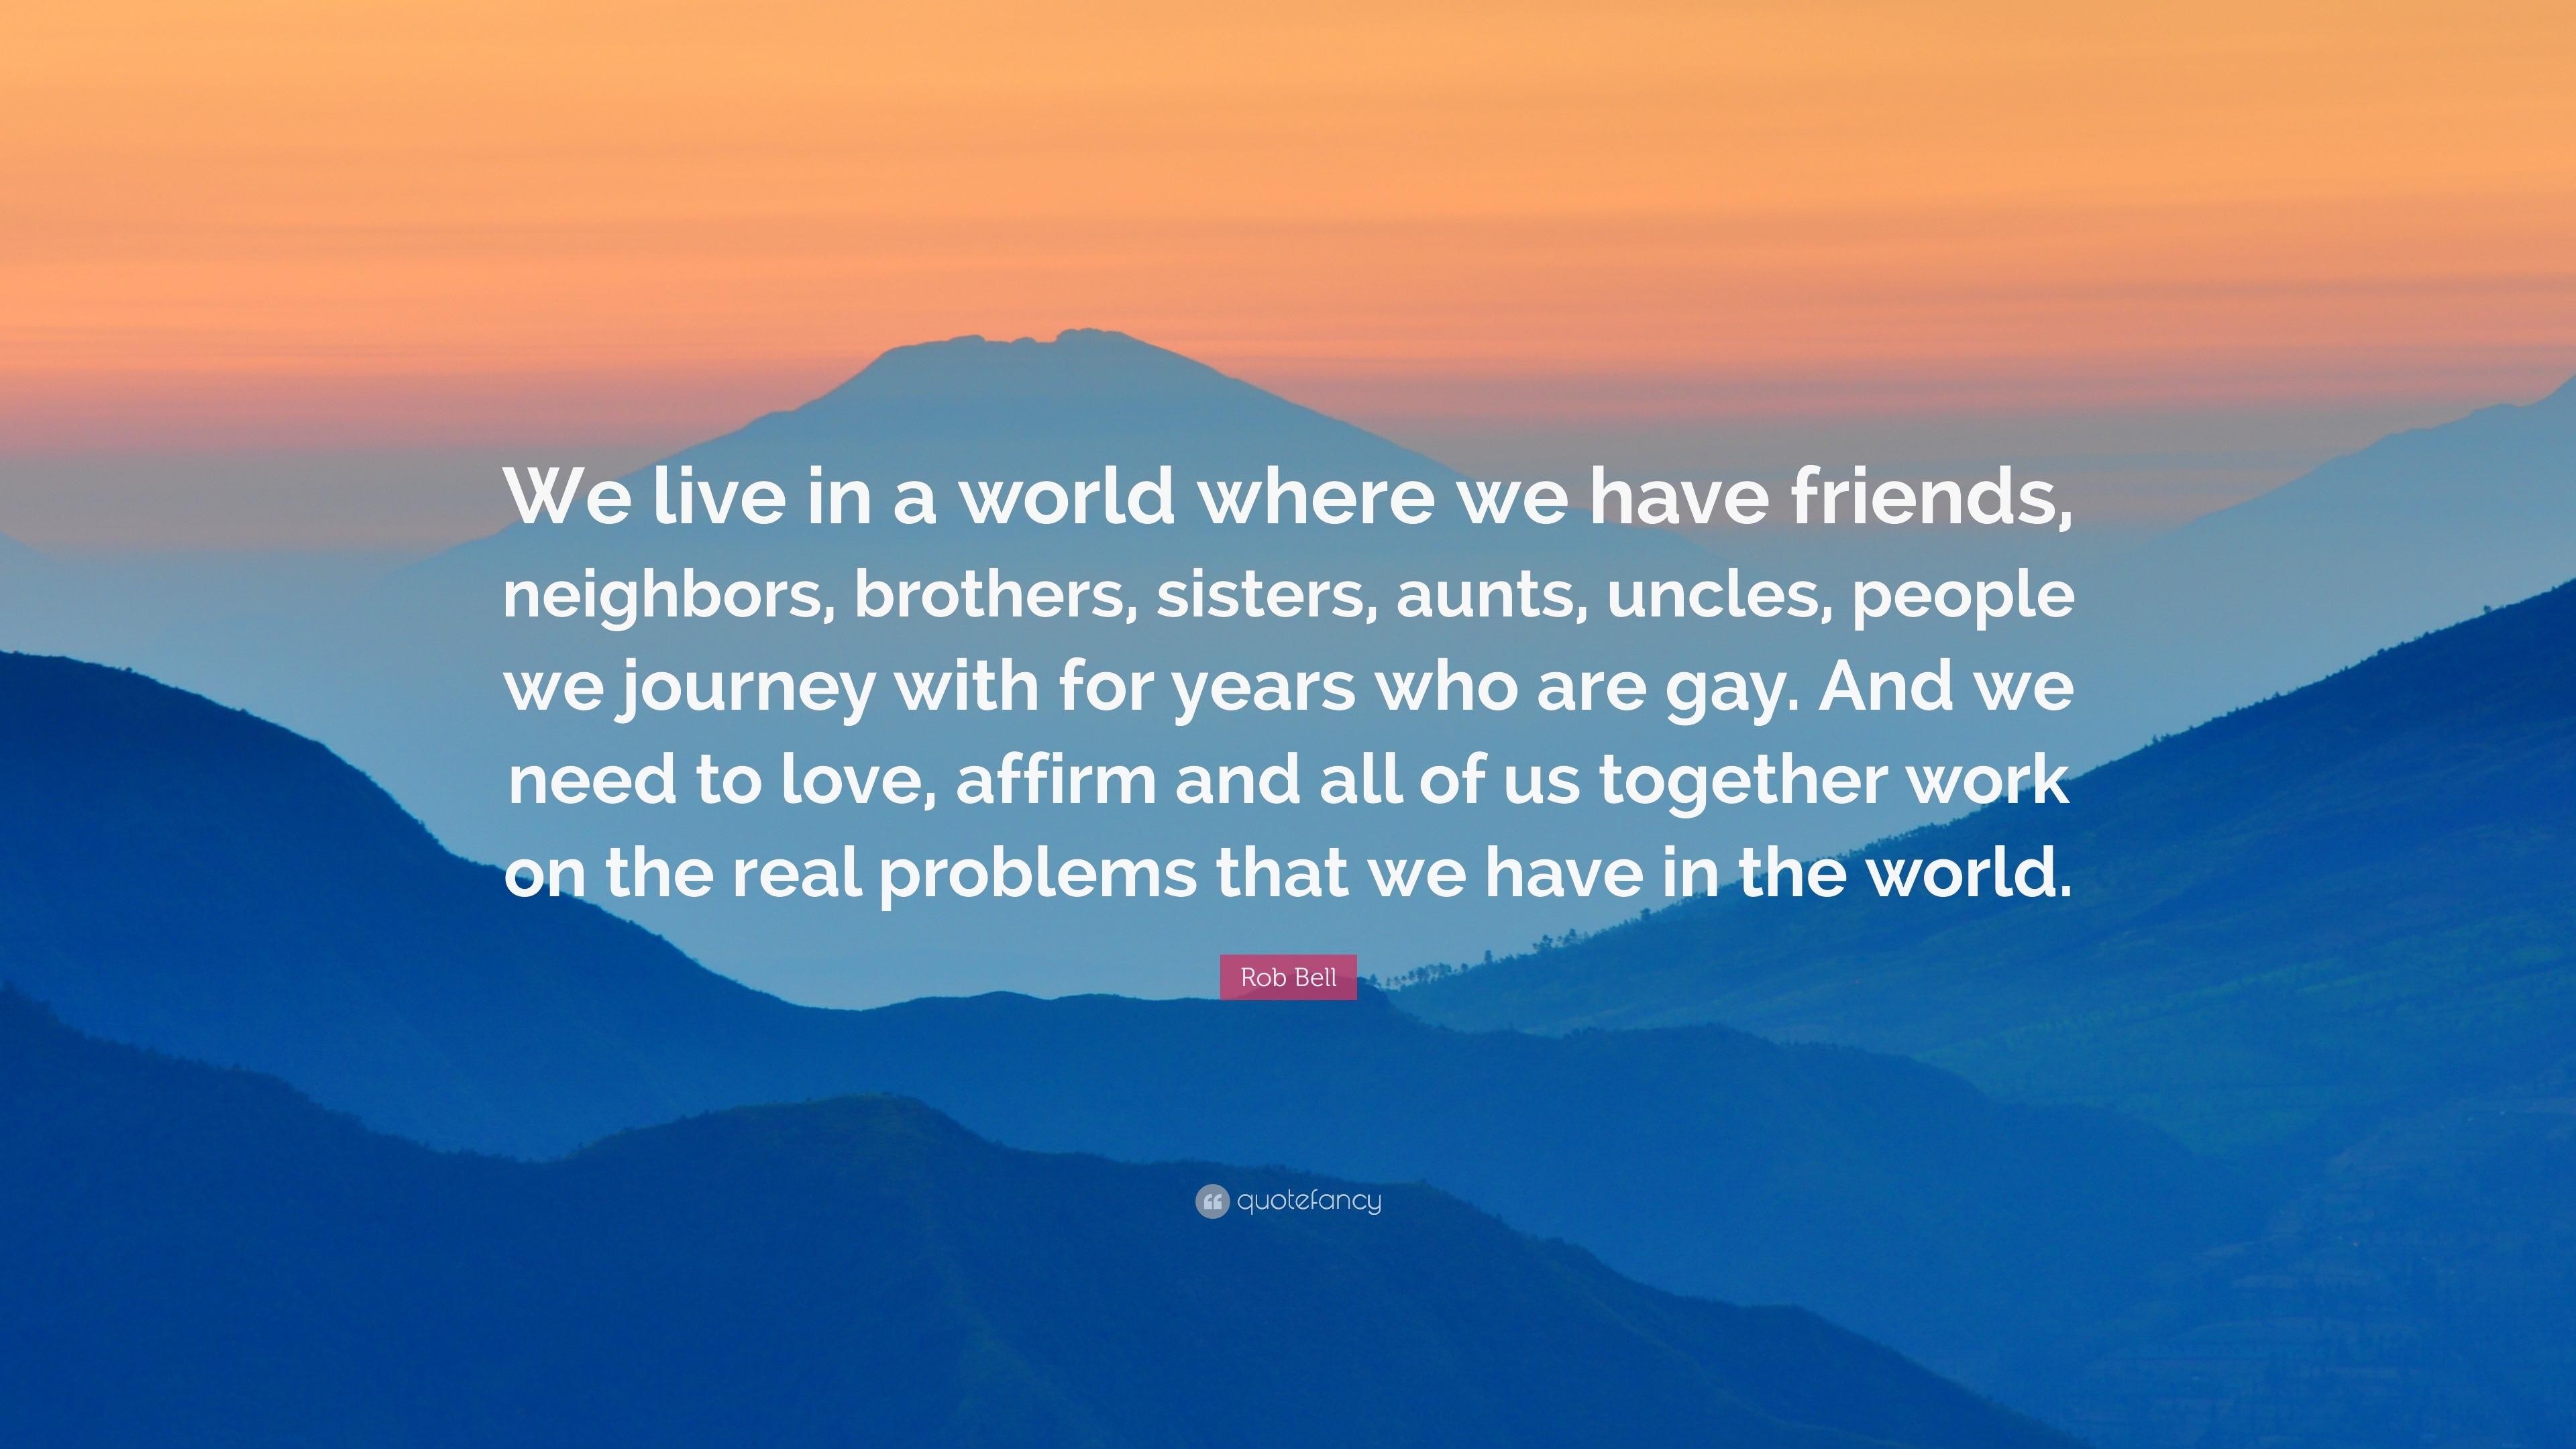 gay we live together